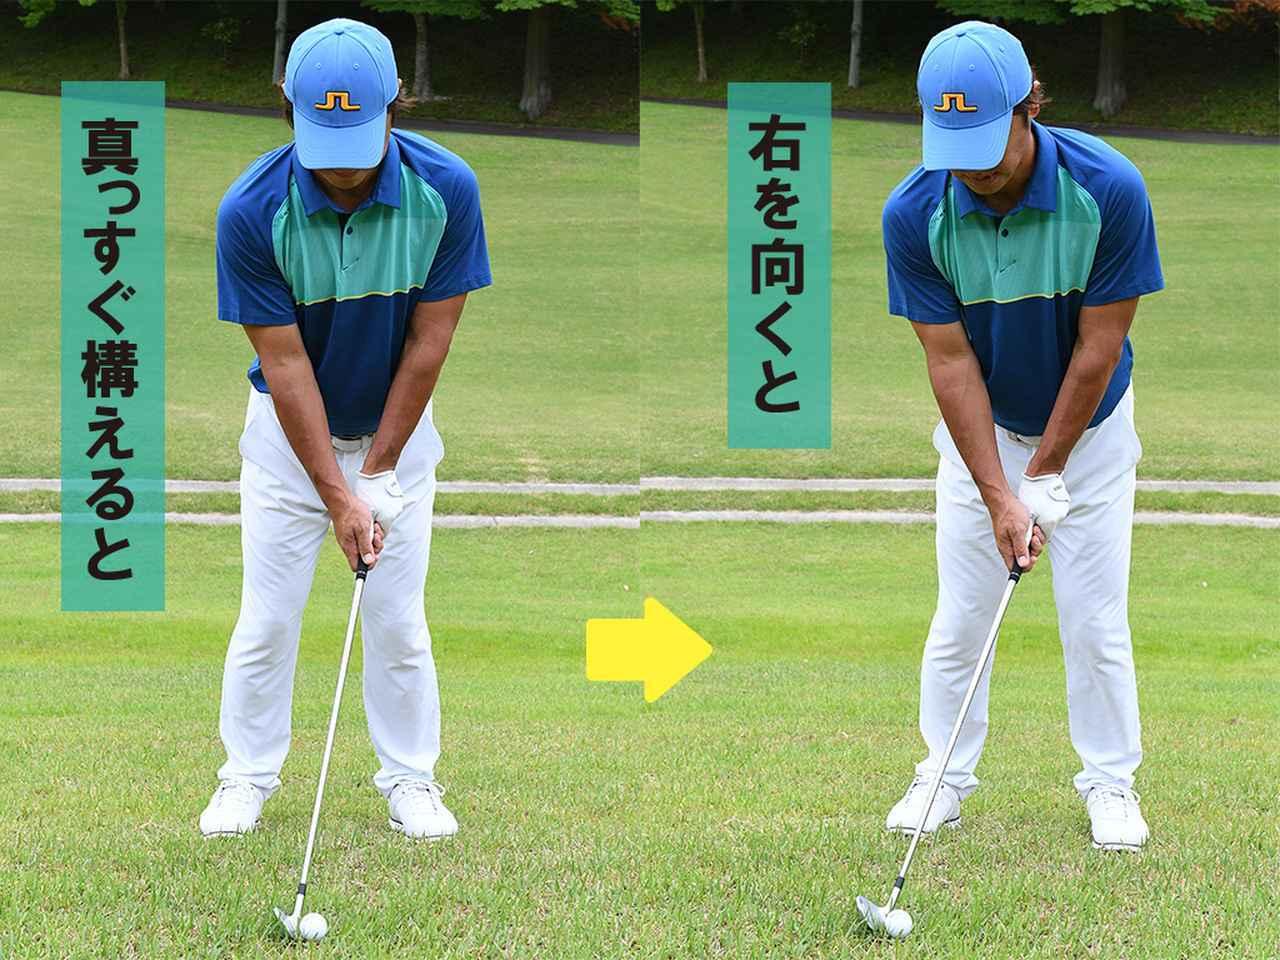 画像1: 斜度30度の攻略のポイント